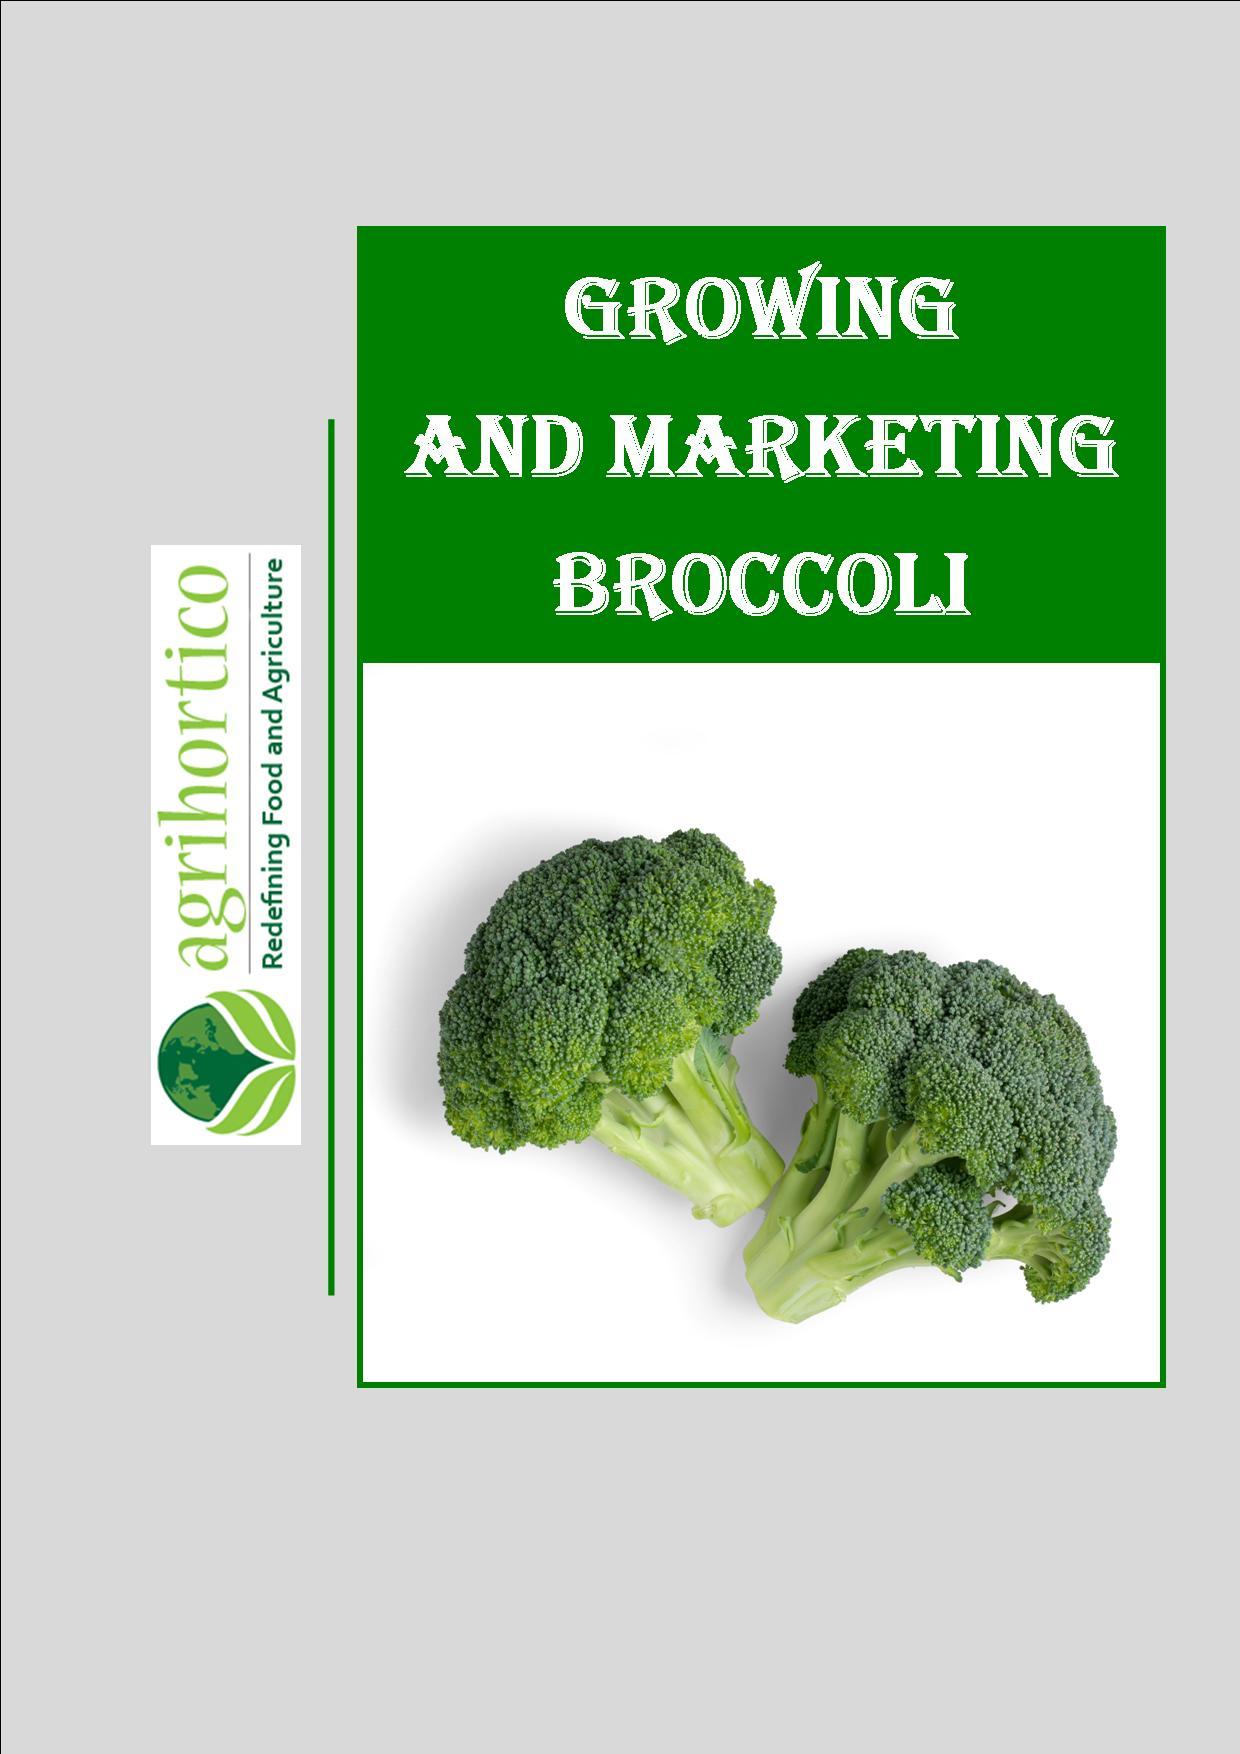 growing-broccoli